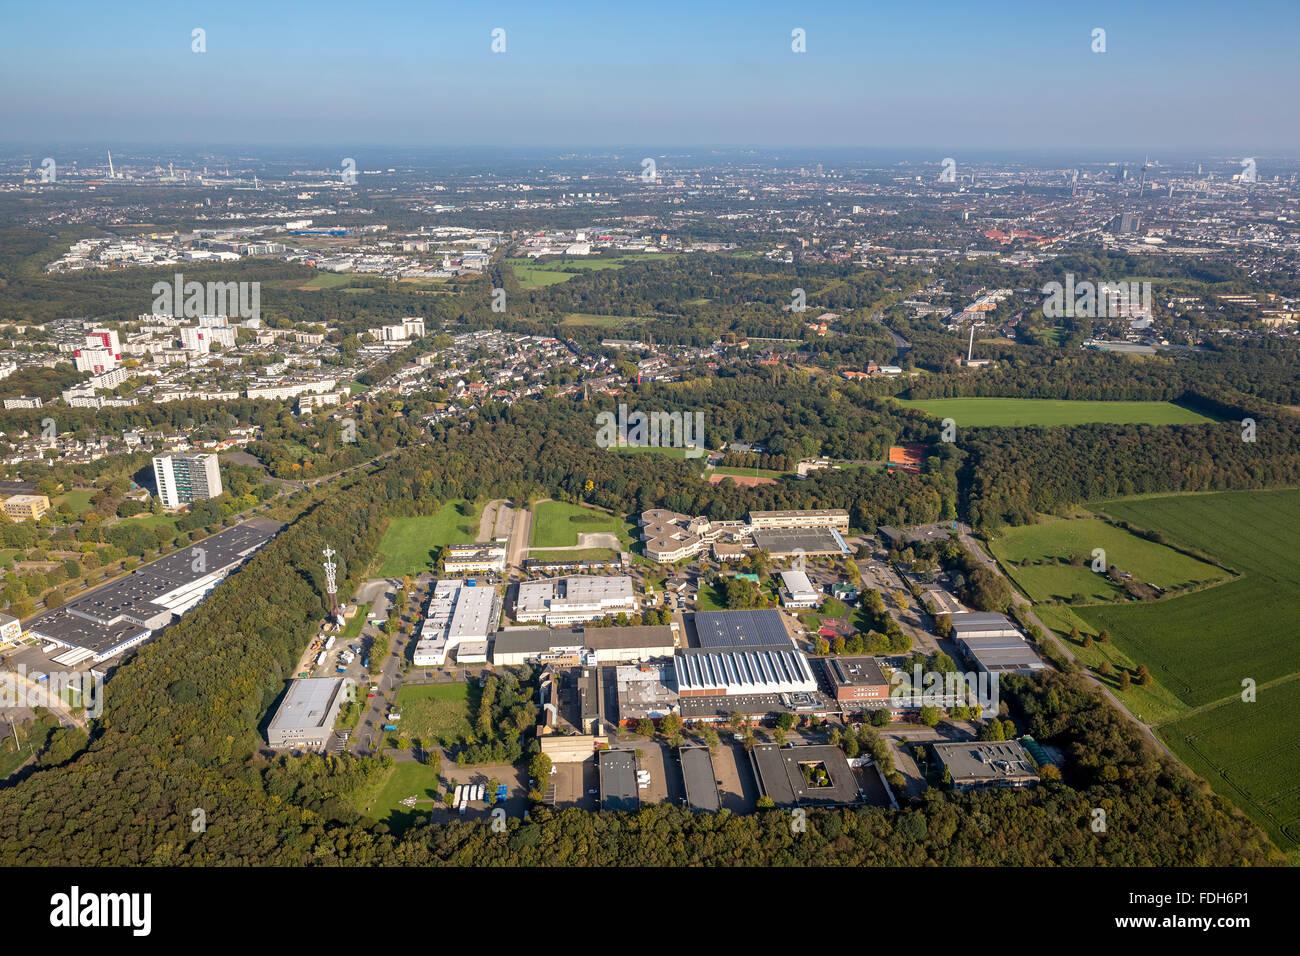 WDR Köln, WDR production area Cologne-Bocklemünd, the largest TV station in Germany, Cologne, Rhineland, - Stock Image